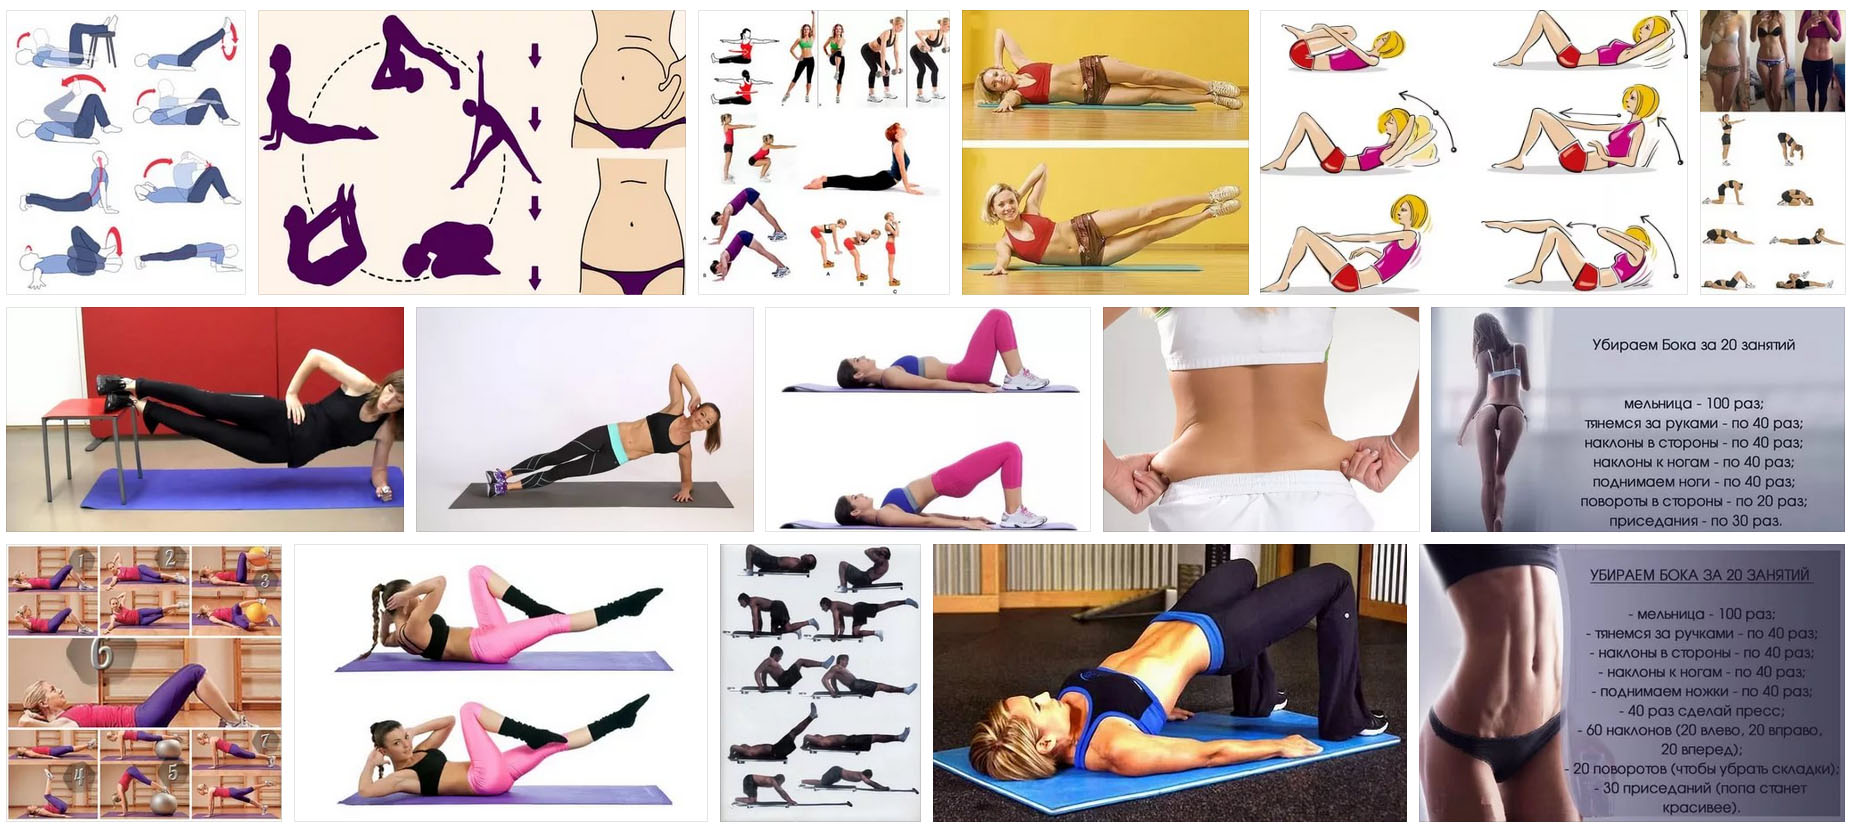 жир на боках список упражнений